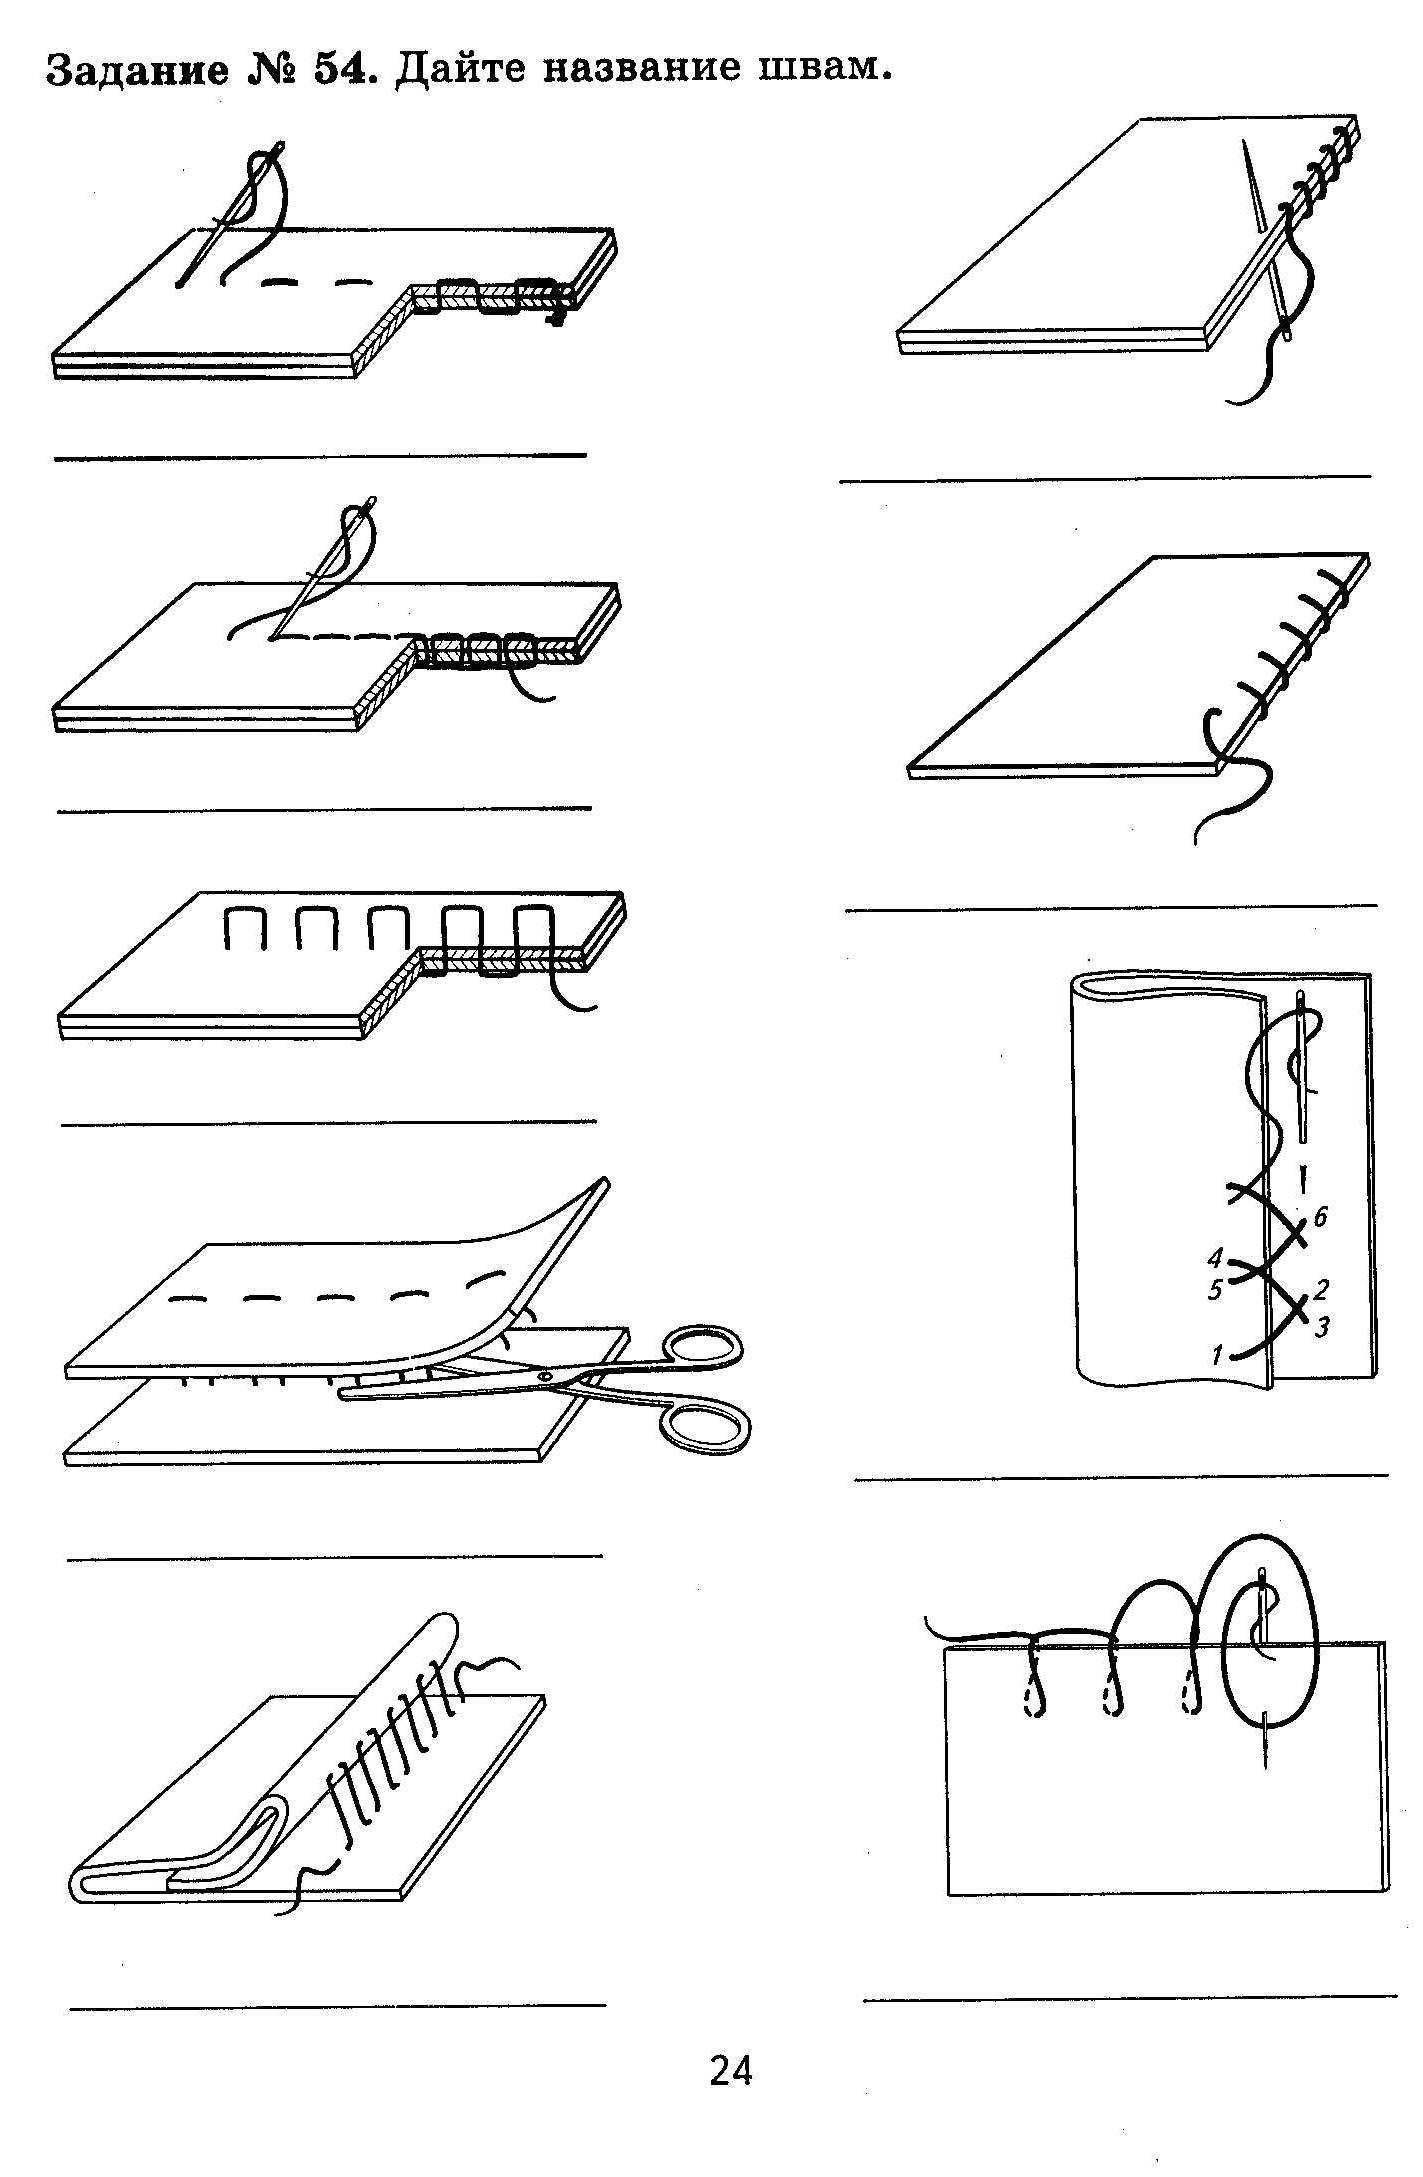 Конспект урока швейные ручные работы 5 класс фгос